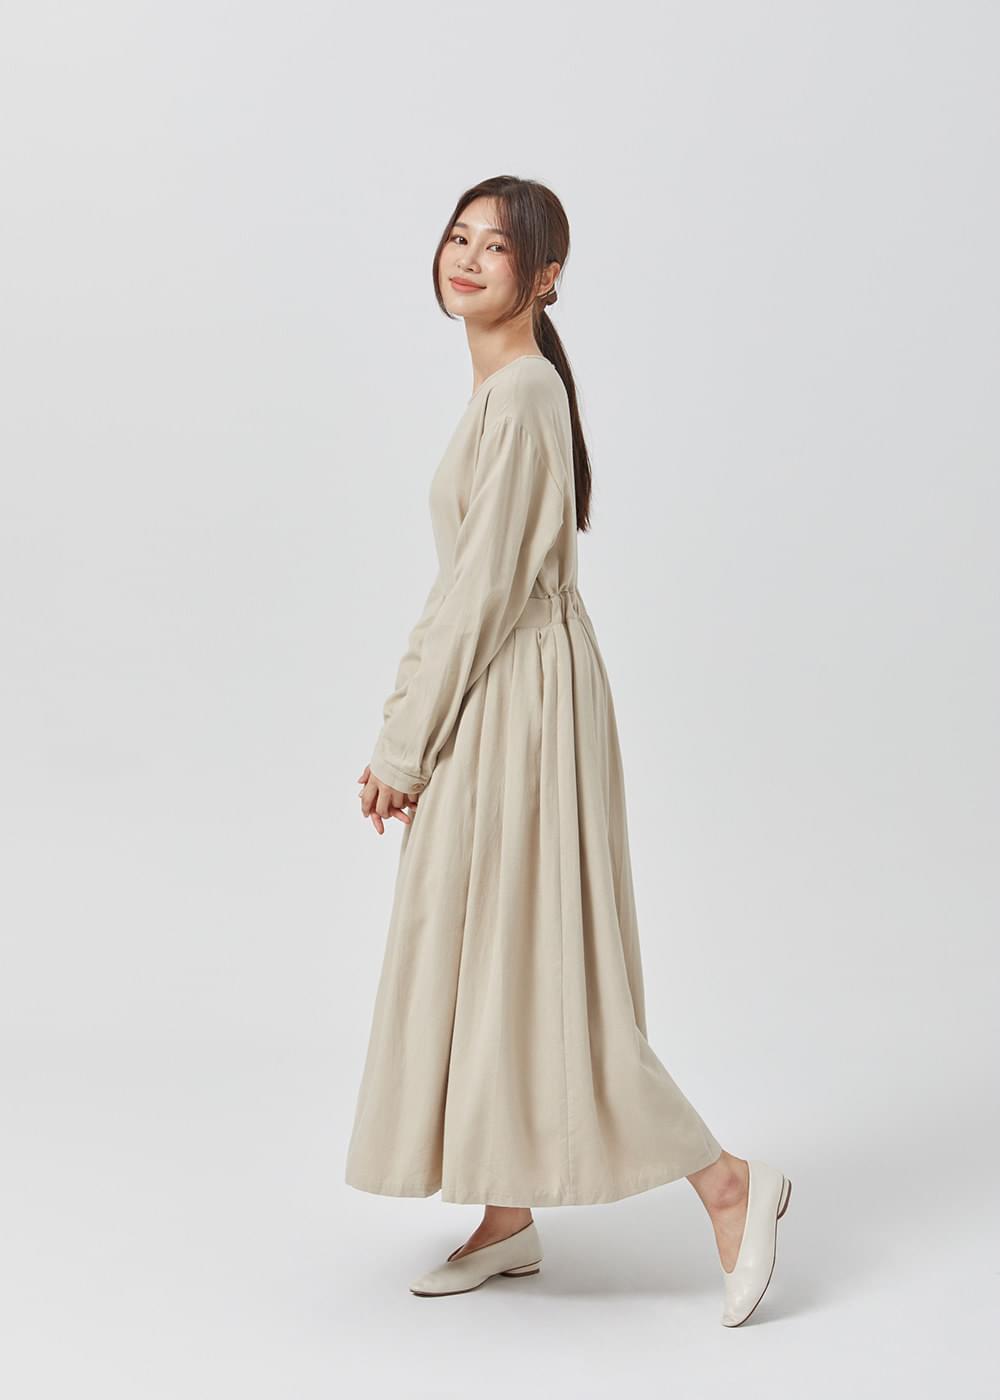 Cotton round dress